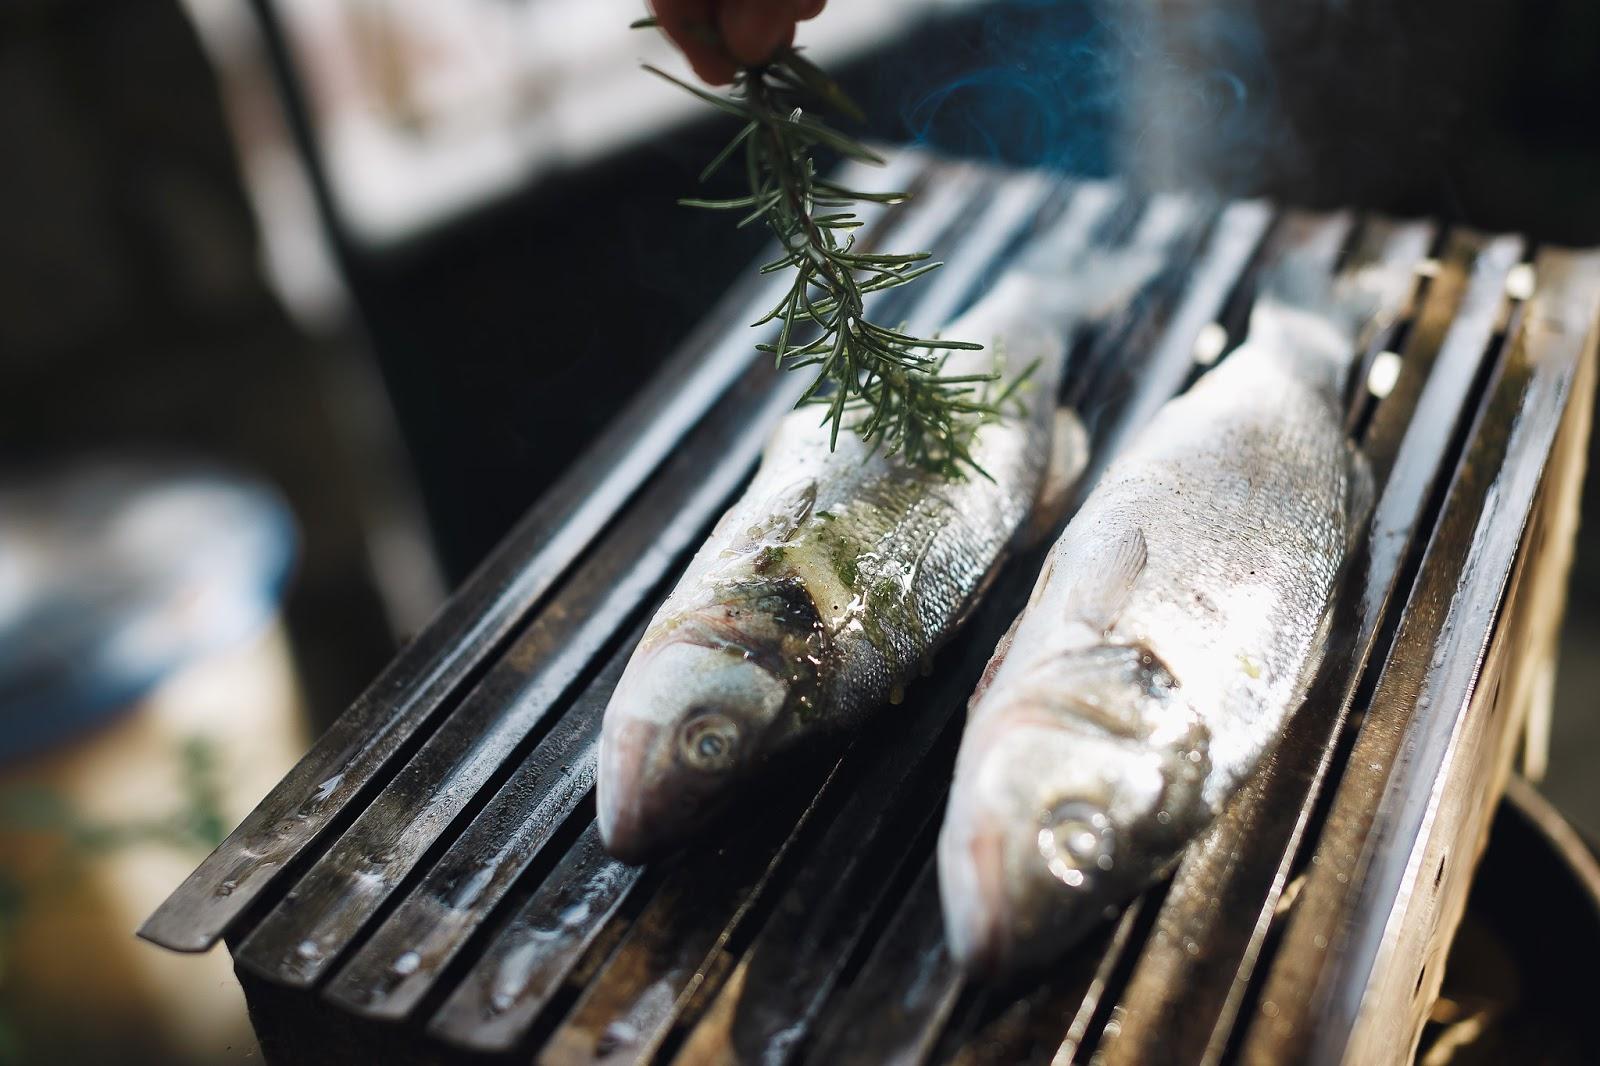 još jedno druženje s ribama